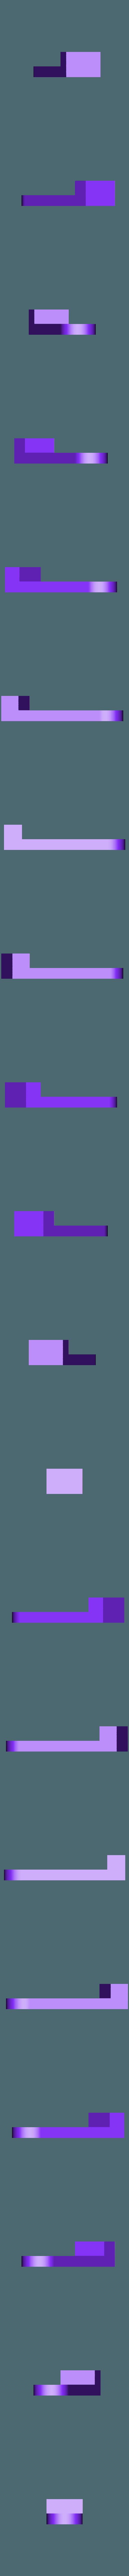 EndStop-Y.STL Télécharger fichier STL gratuit Nouvelle motion linéaire pour Prusa i4 • Objet imprimable en 3D, perinski